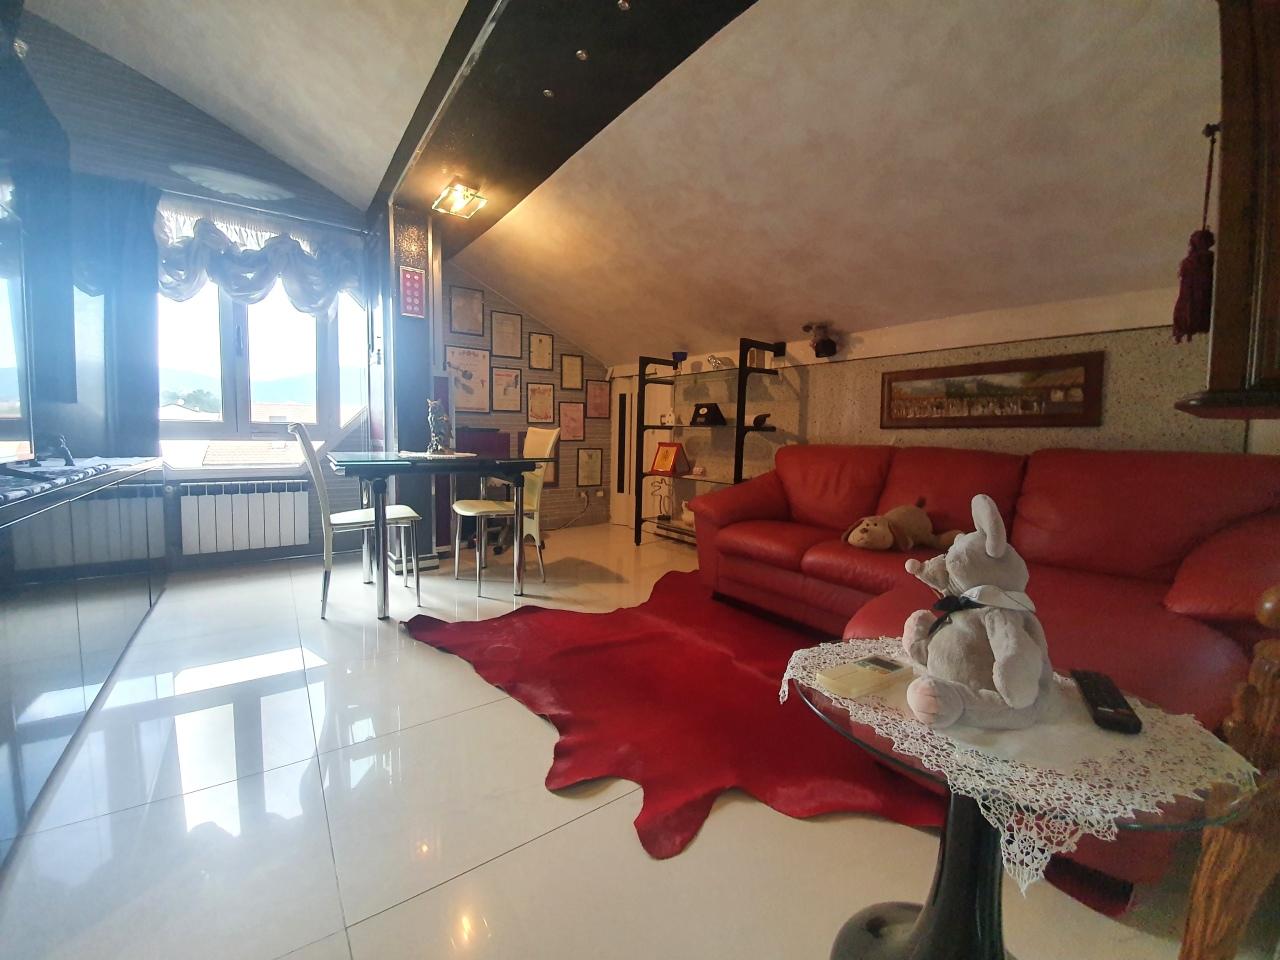 Appartamento in vendita a Borghetto Santo Spirito, 2 locali, prezzo € 175.000 | PortaleAgenzieImmobiliari.it